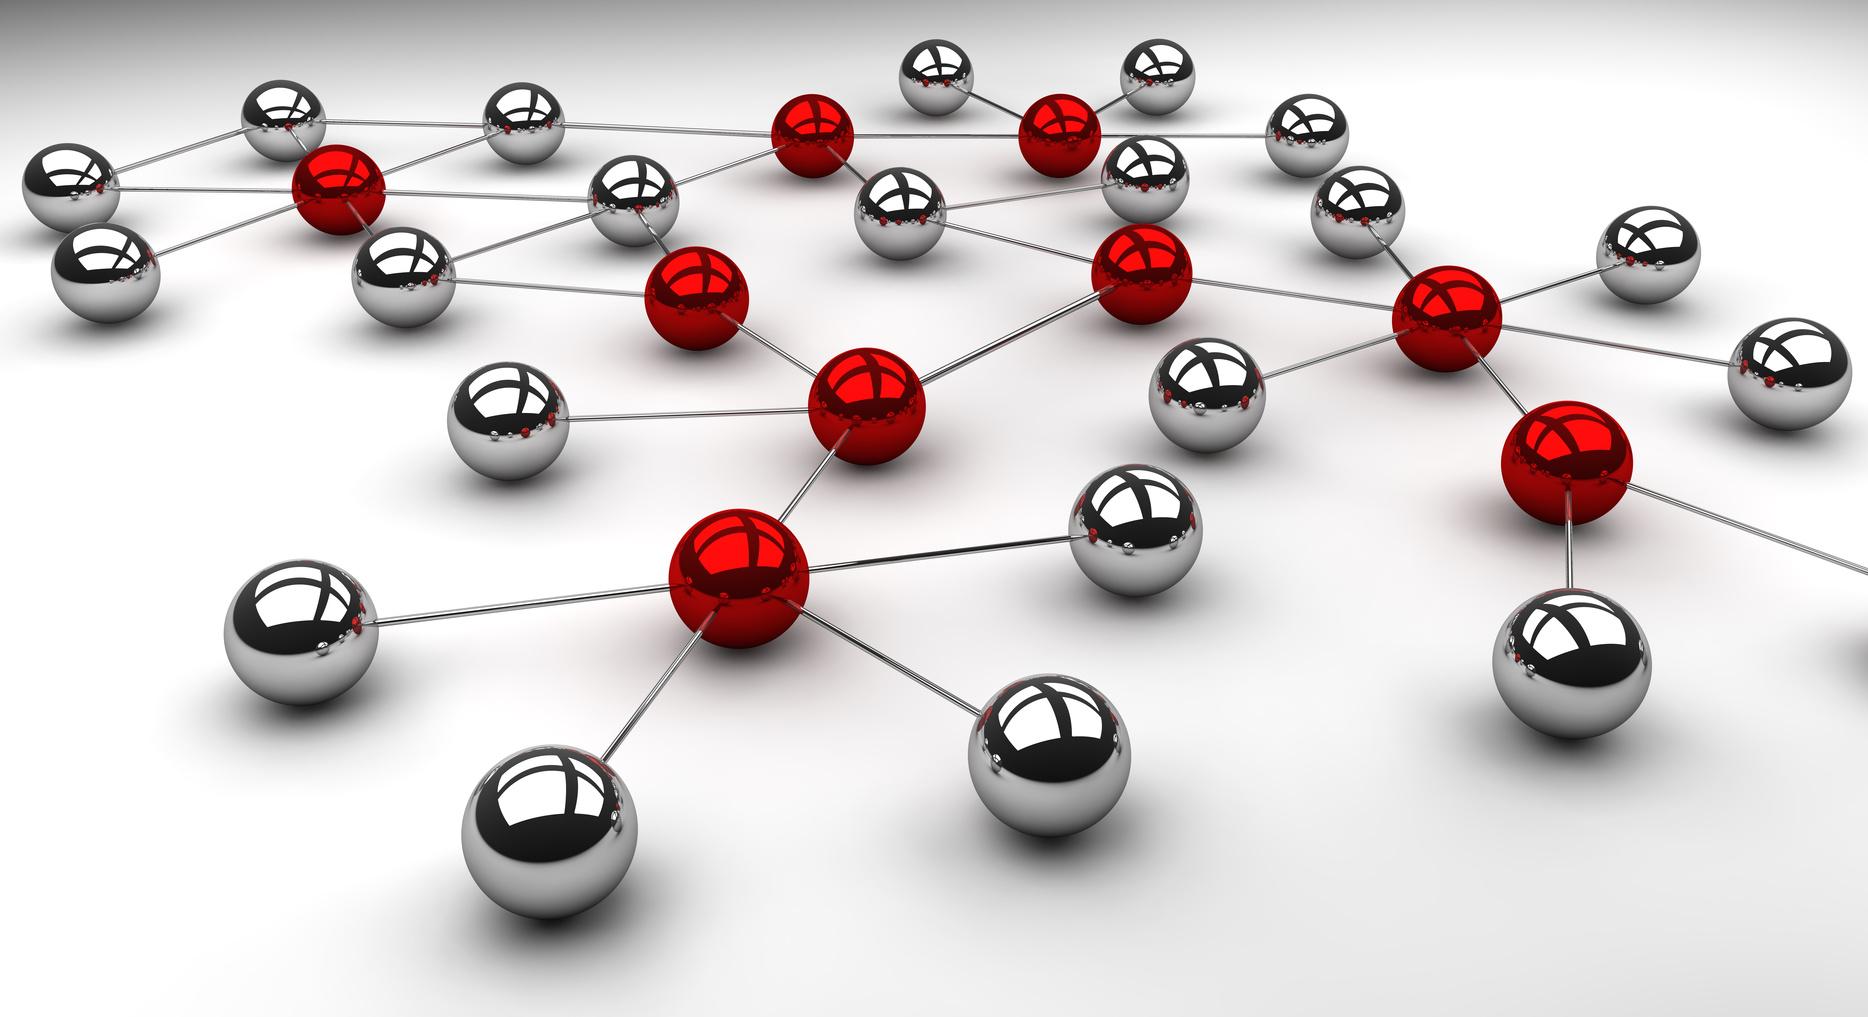 特定グループ呼出~ビジネスフォン・PBXの多機能電話機のファンクションキーに割りつけた特定グループ呼出ボタンを呼び出す~